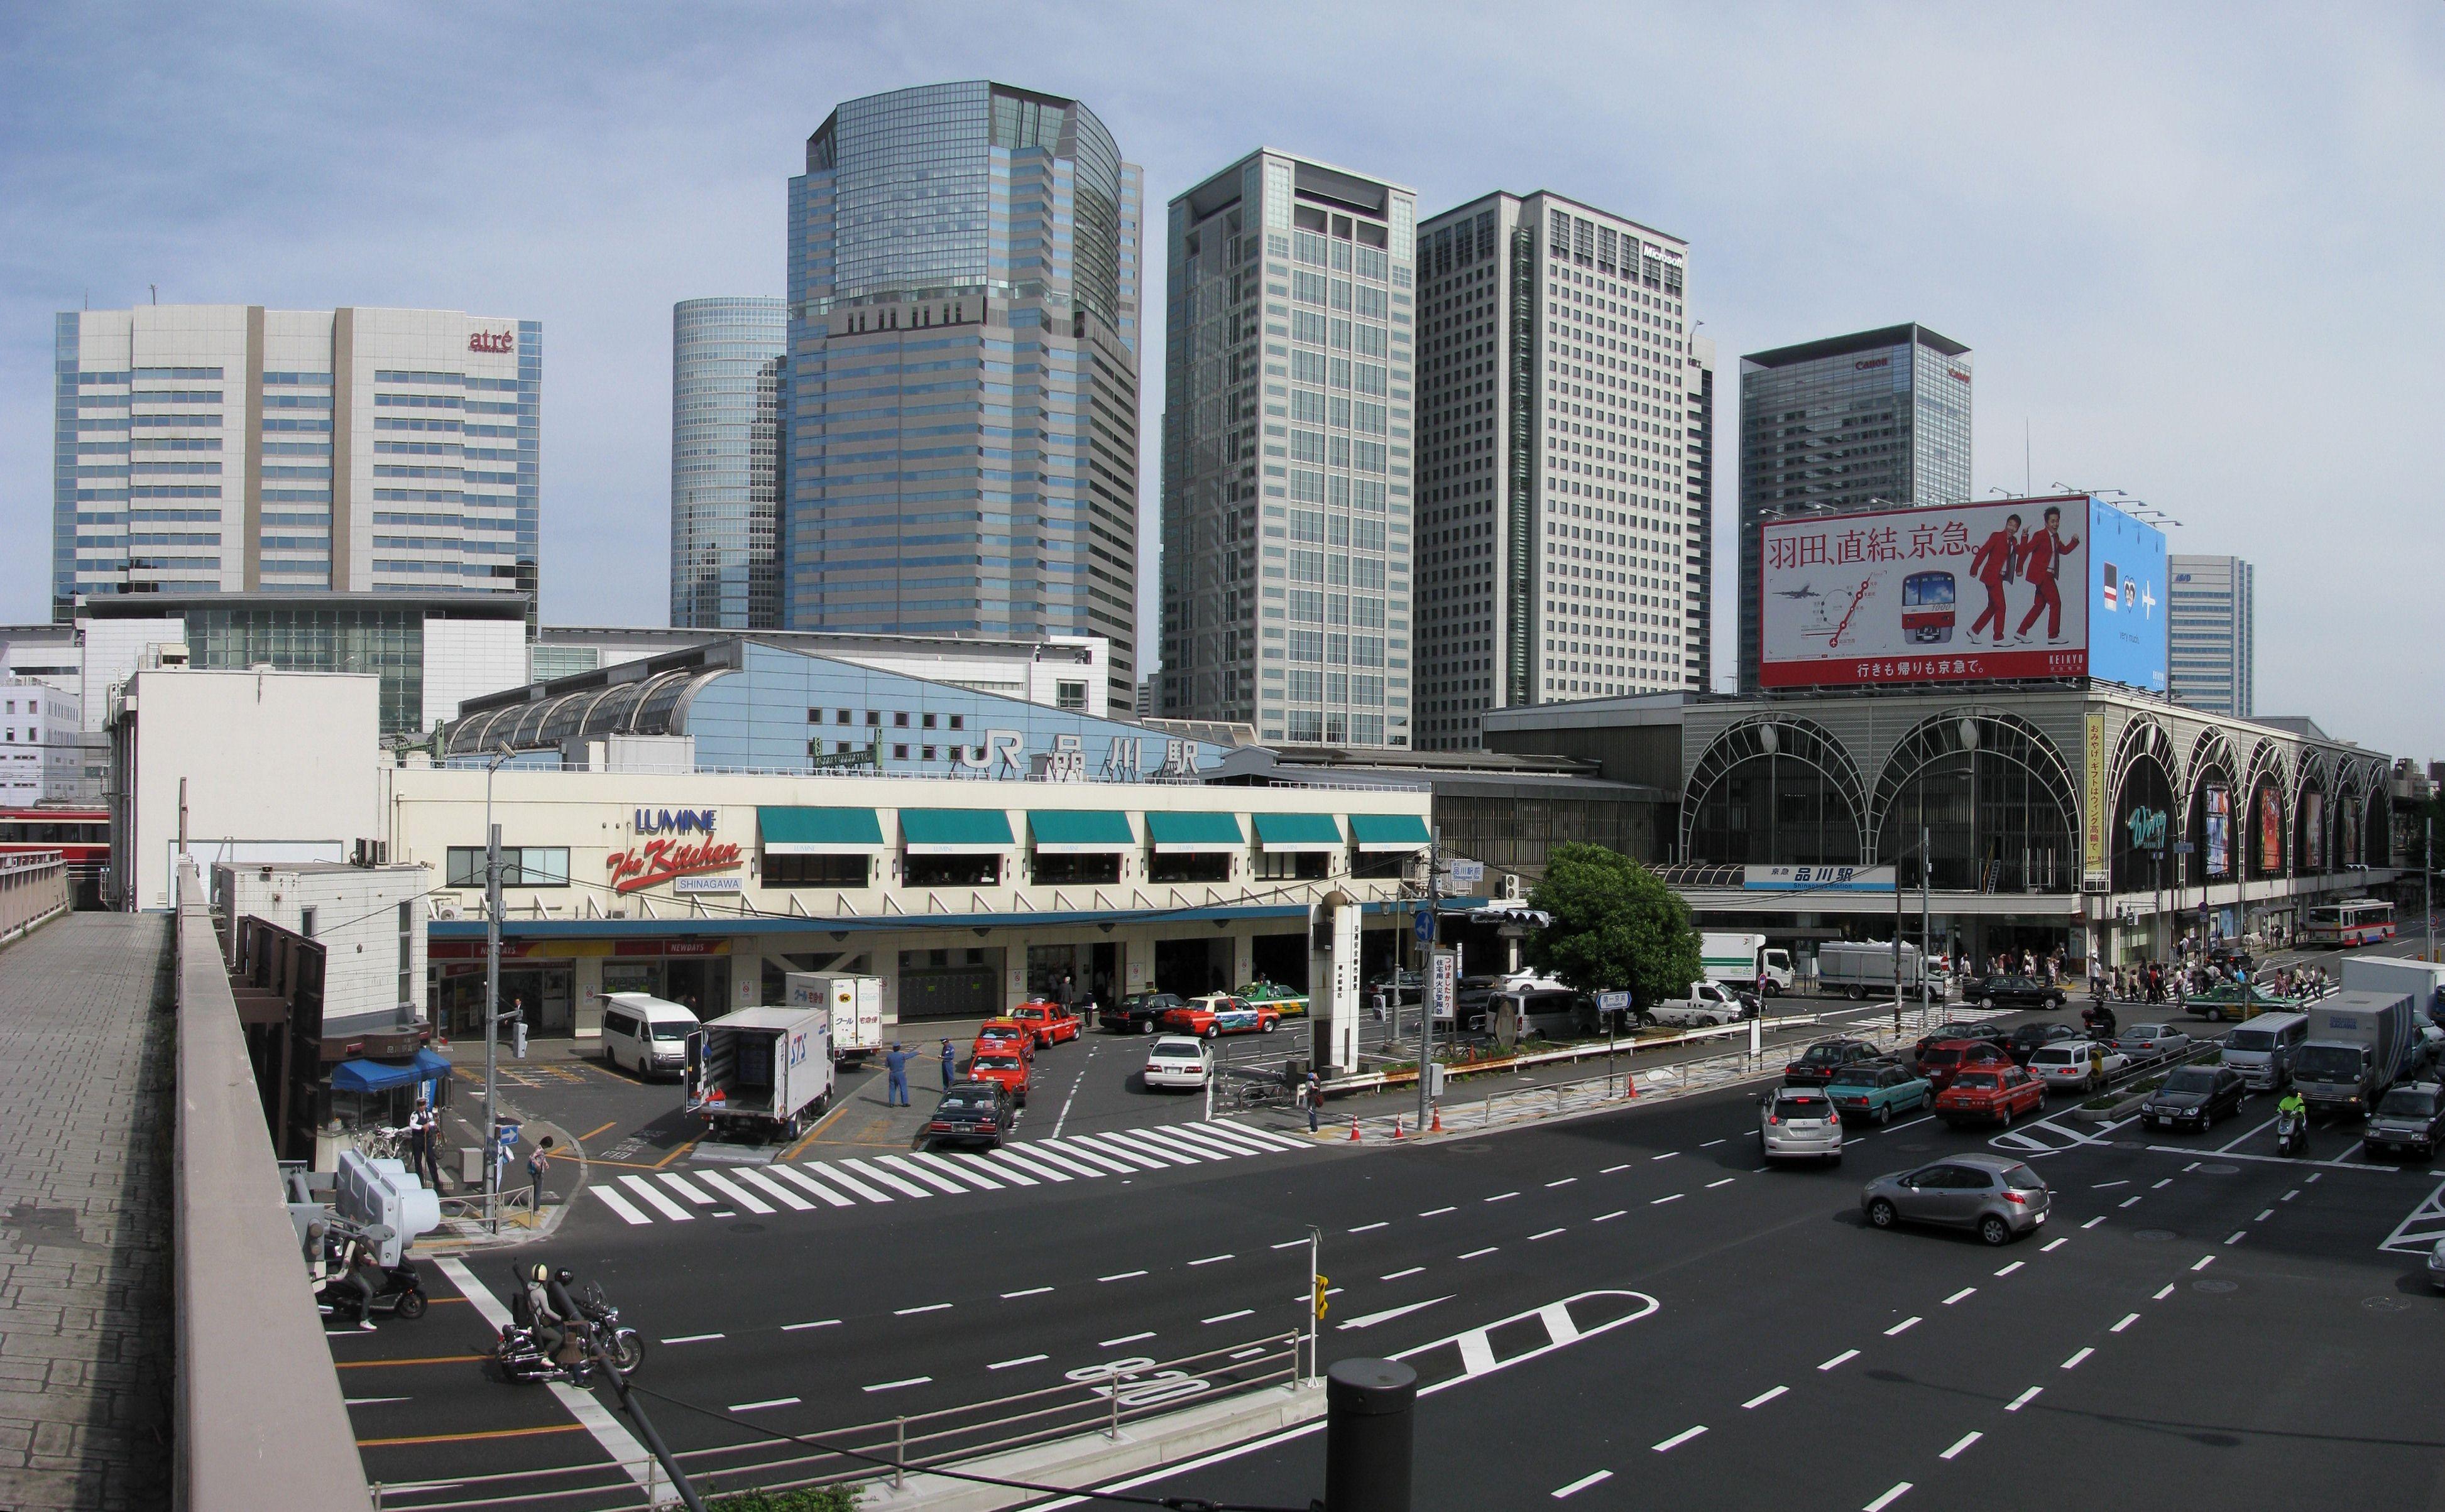 【台風速報】首都圏JR、大規模な計画運休を実施48時間前の10日中に発表へ。48時間前の告知は異例